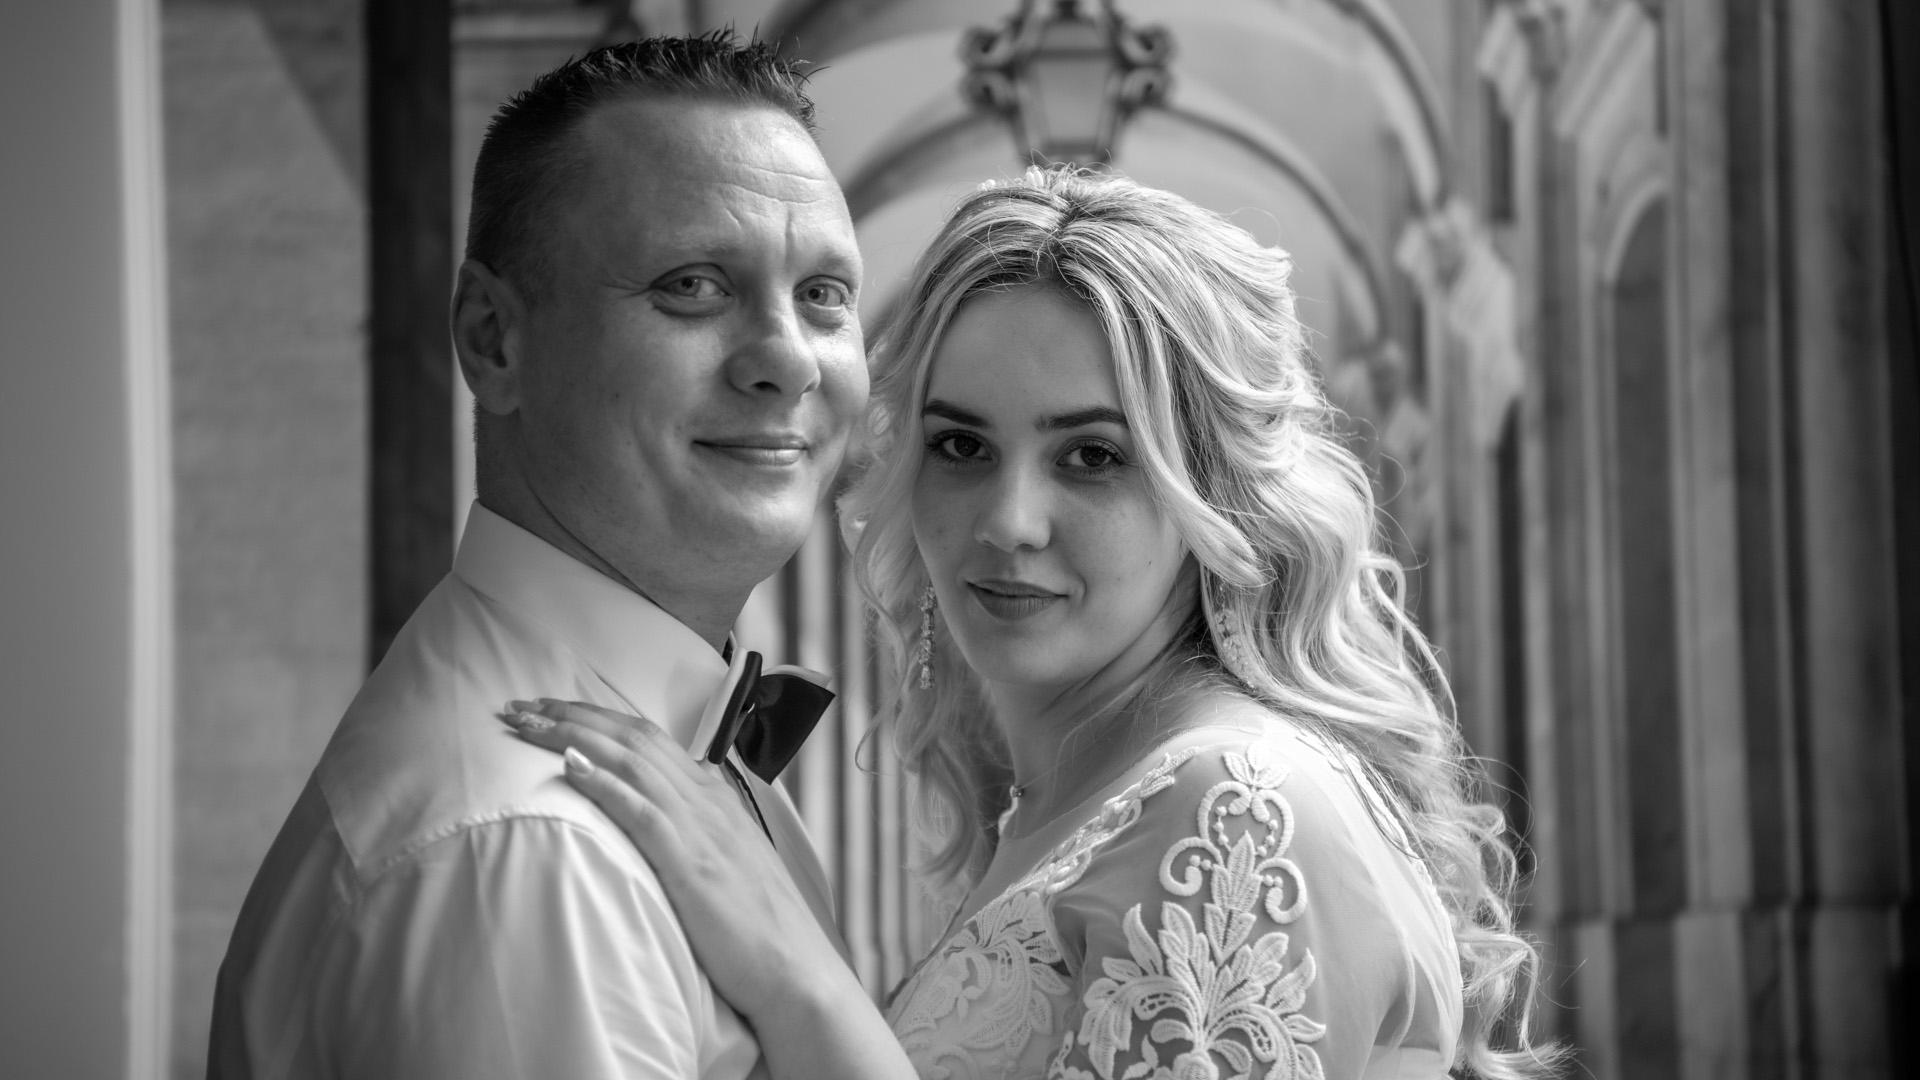 vwesele - fotograf ślubny - fotografia ślubna - zdjecia podczas wesela